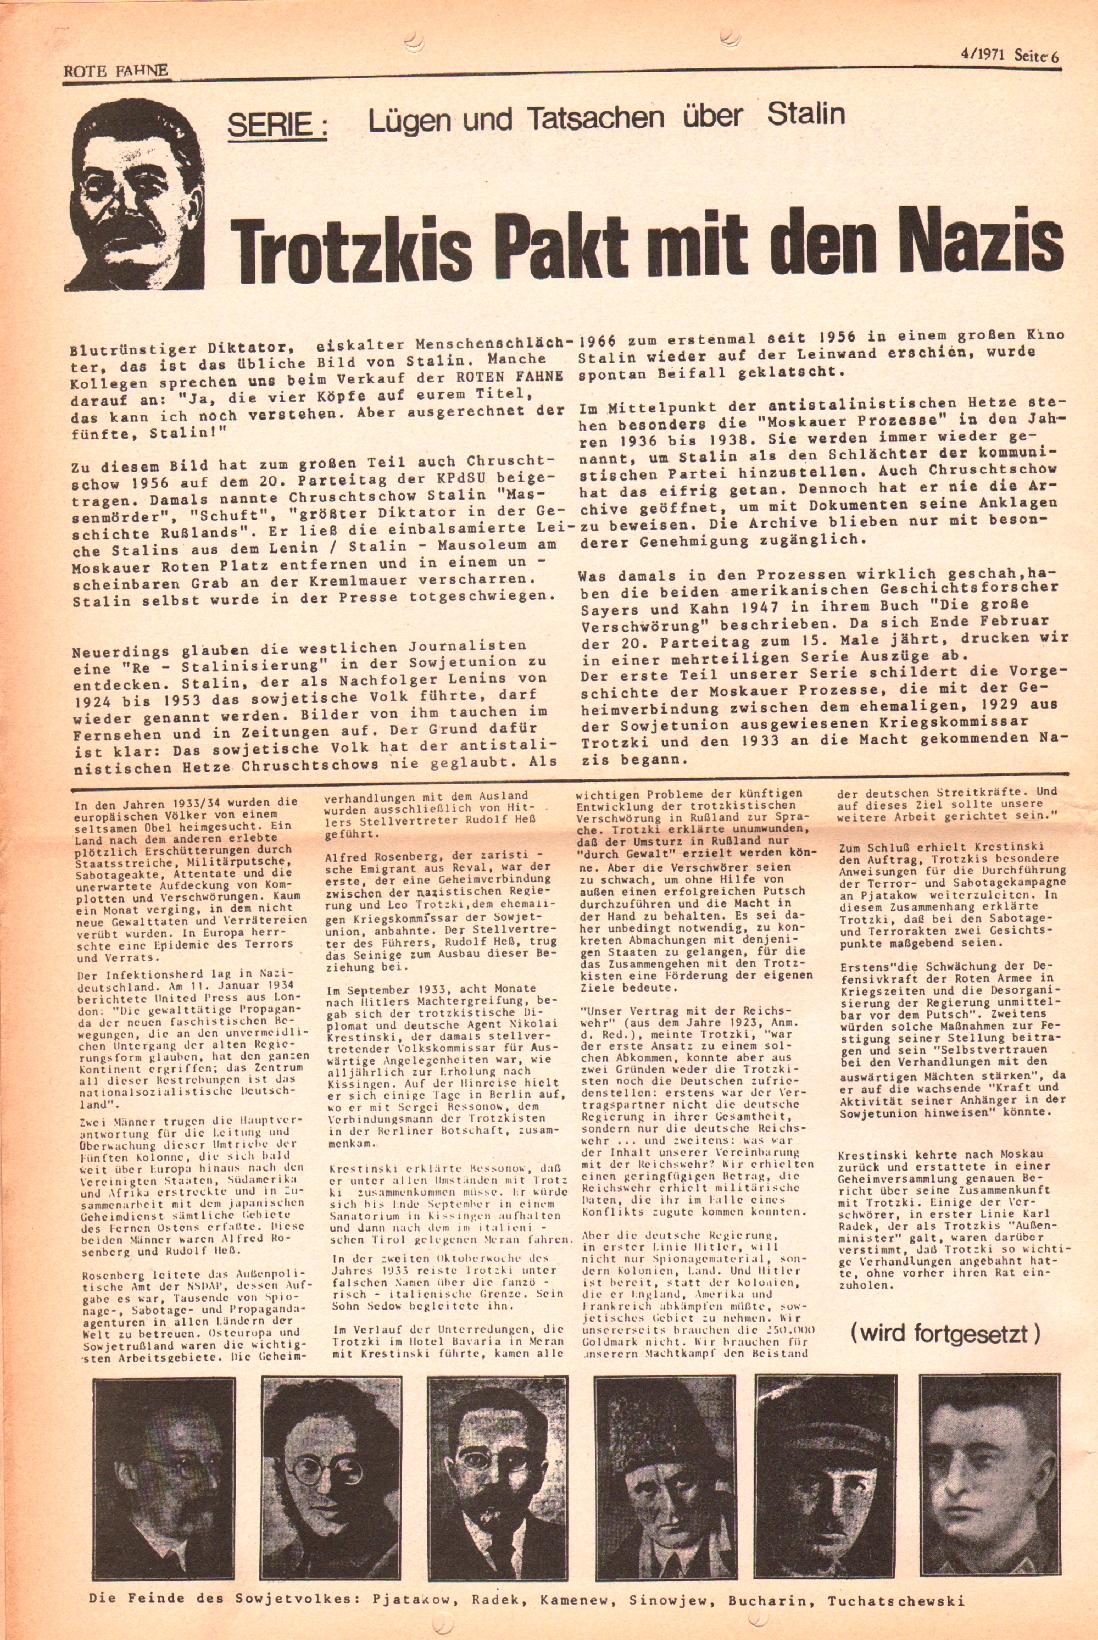 Rote Fahne, 2. Jg., 1.3.1971, Nr. 4, Seite 6